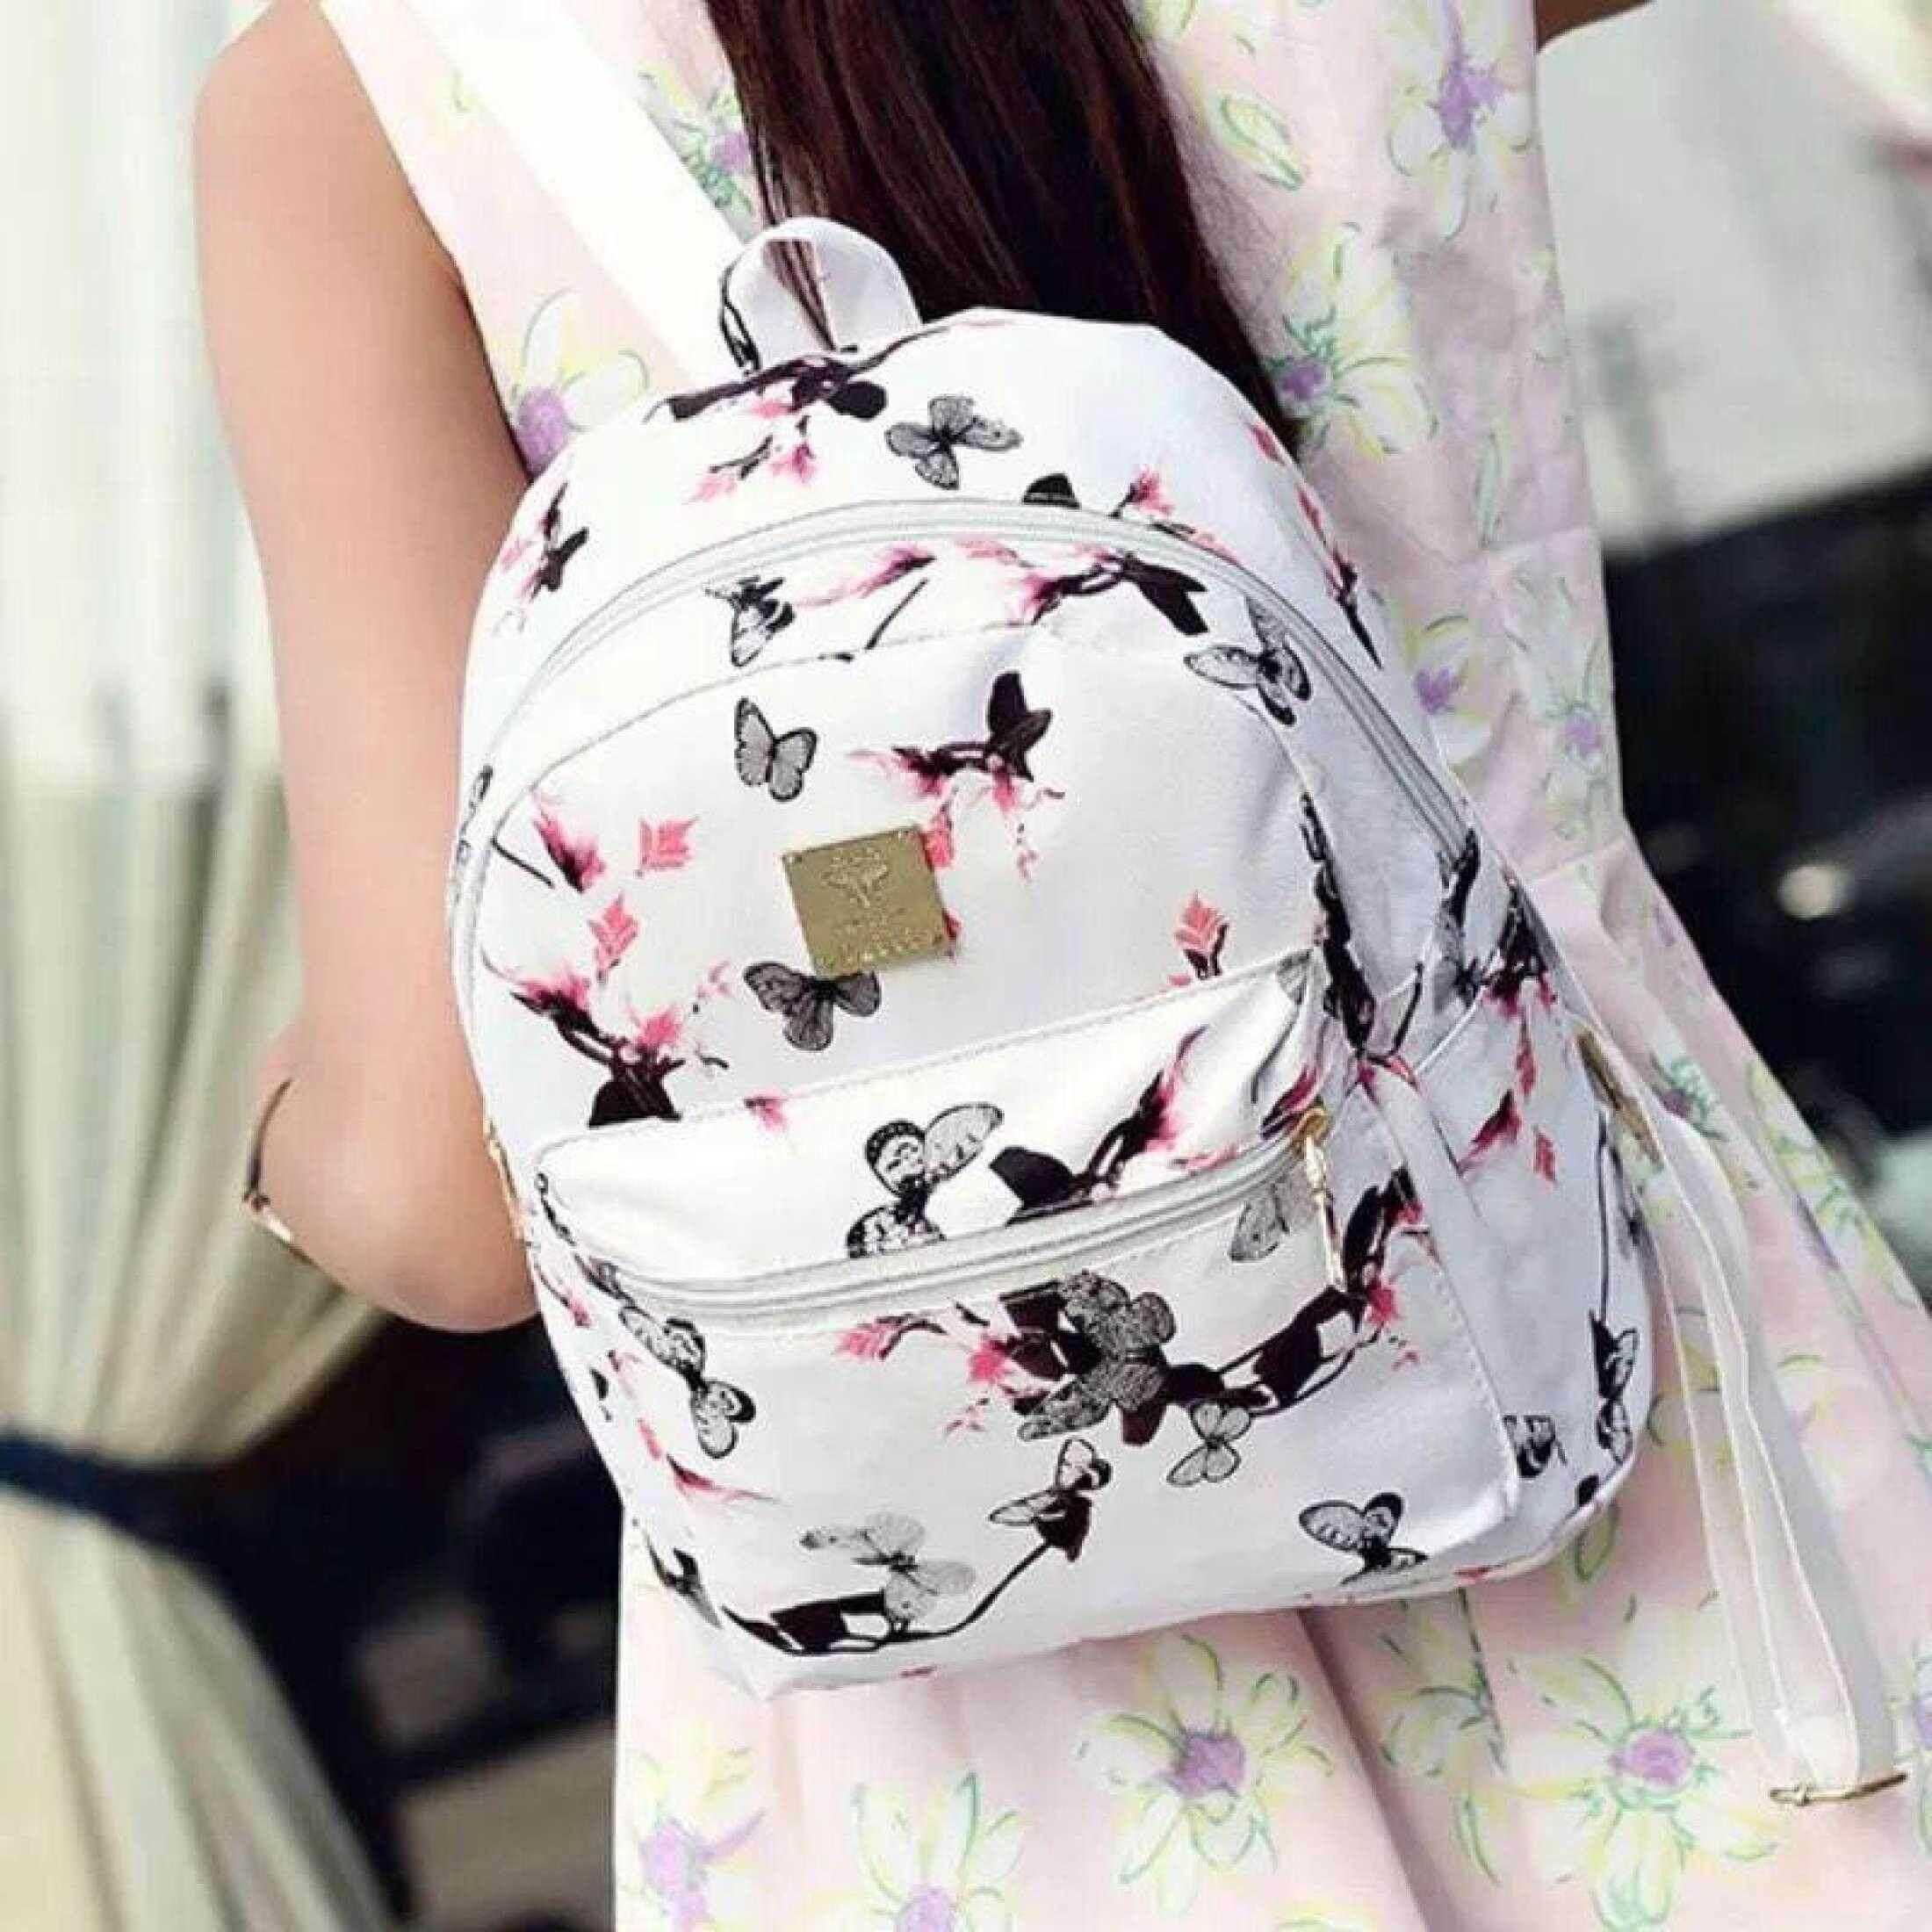 กระเป๋าเป้ นักเรียน ผู้หญิง วัยรุ่น เชียงใหม่ กระเป๋าเป้สะพายหลังแฟชั่น ลายนาฬิกา ทรงคลาสิค  สีดำ